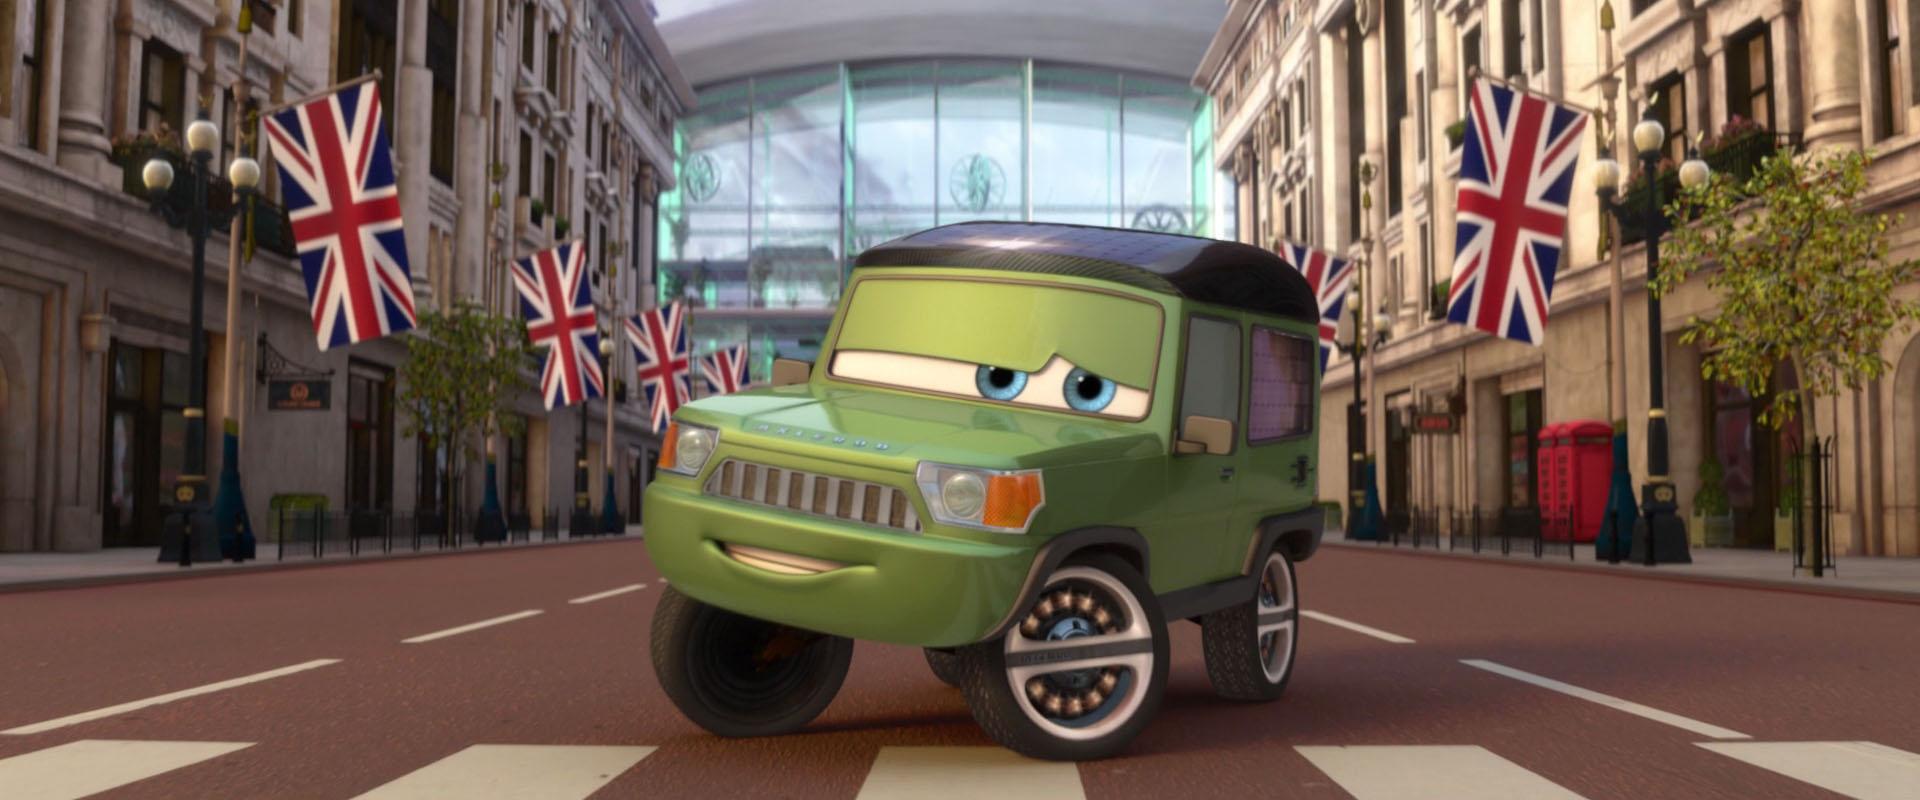 miles-axlerod-personnage-cars-2-01